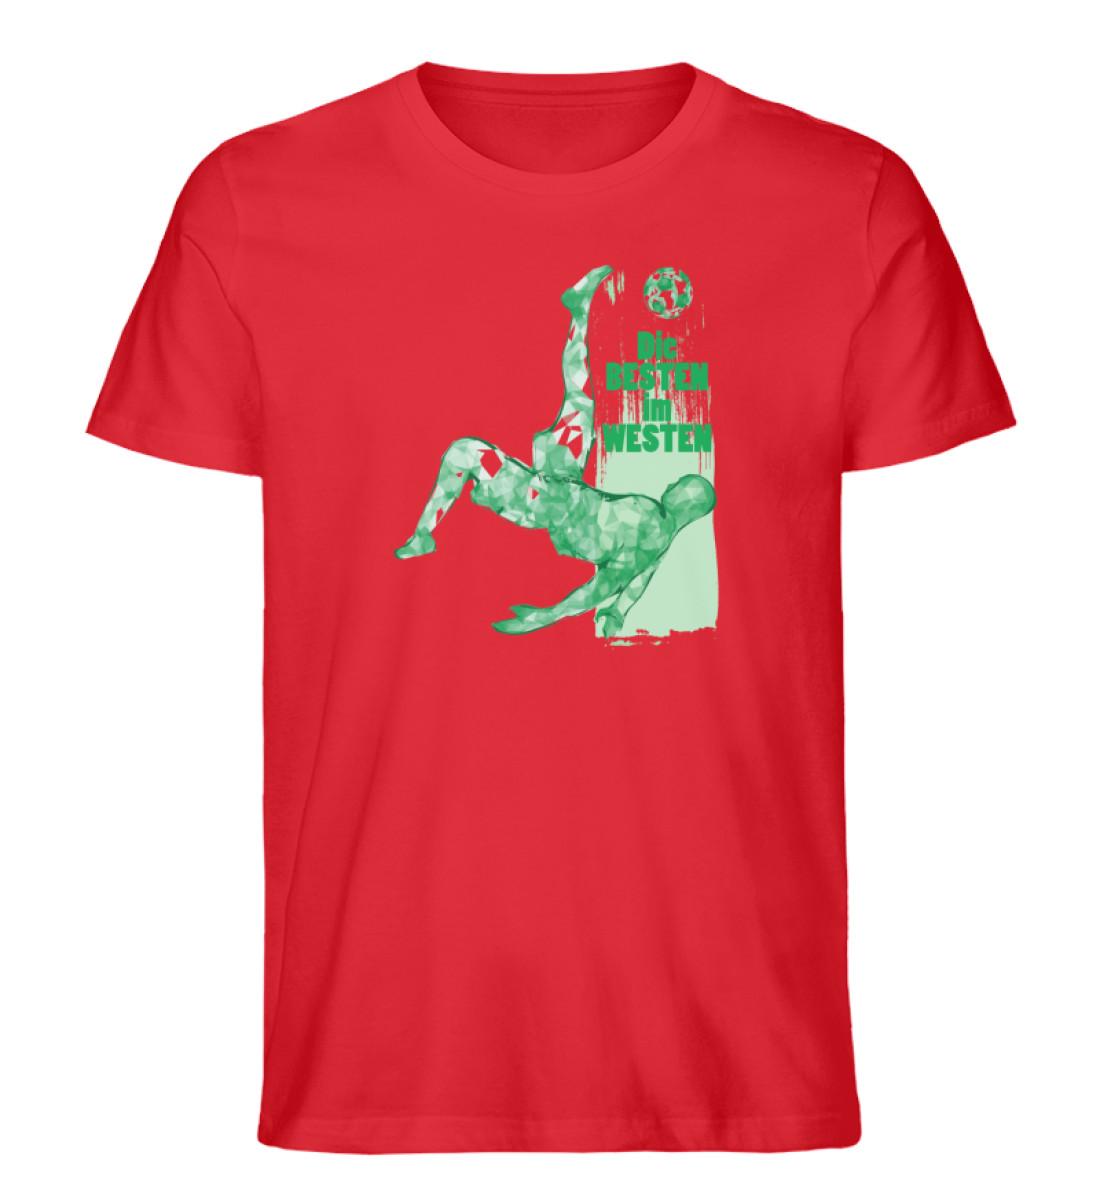 Die Besten im Westen - Herren Premium Organic Shirt-6882